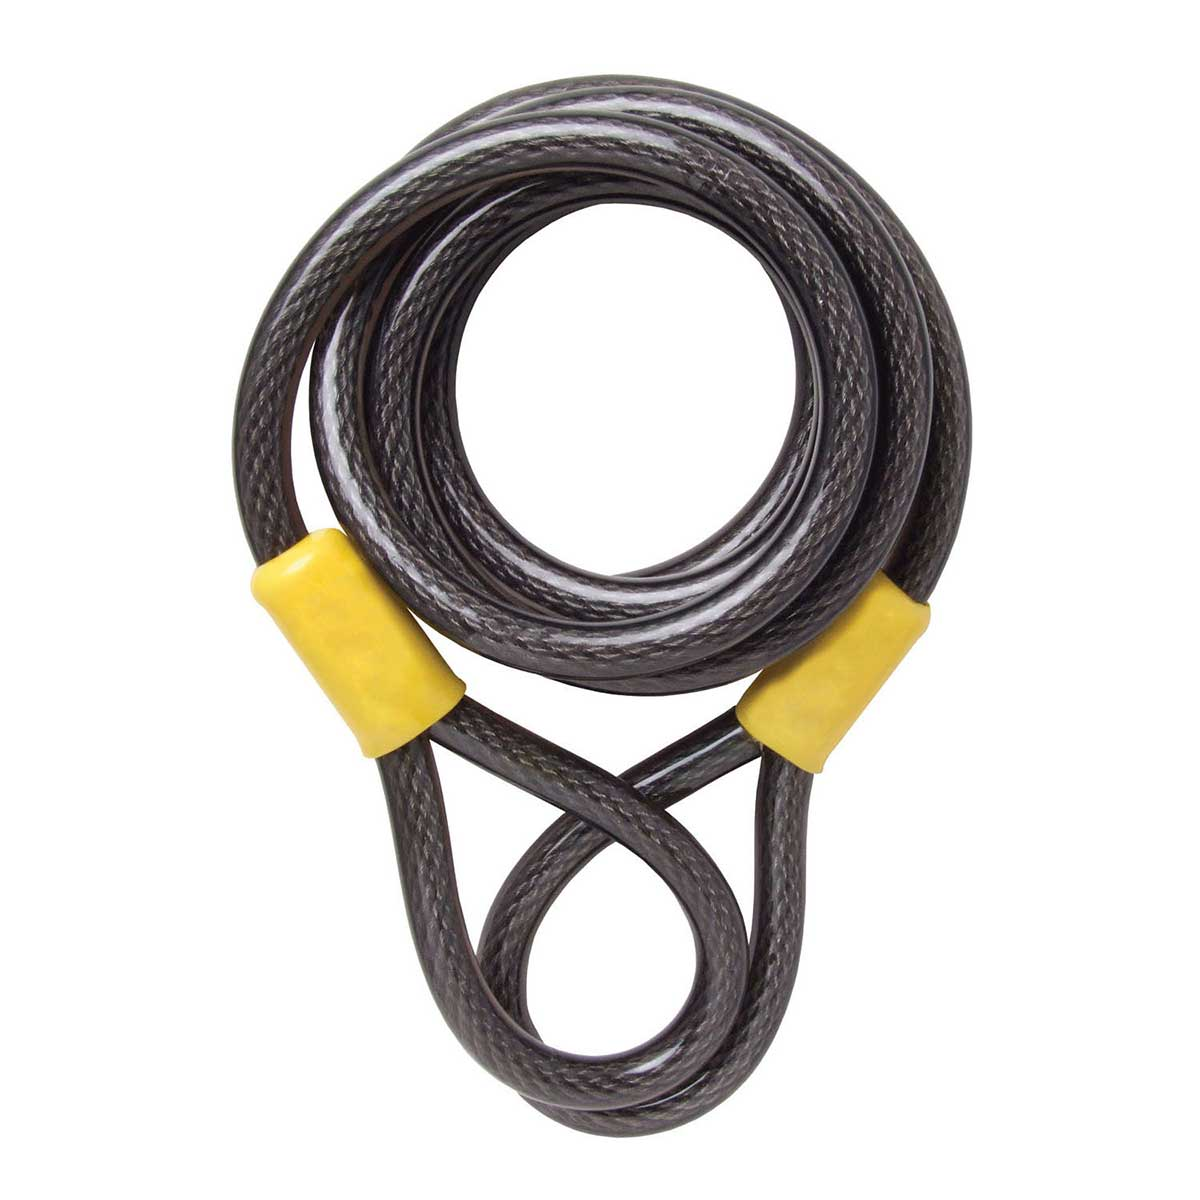 Cable de seguridad de doble lazo